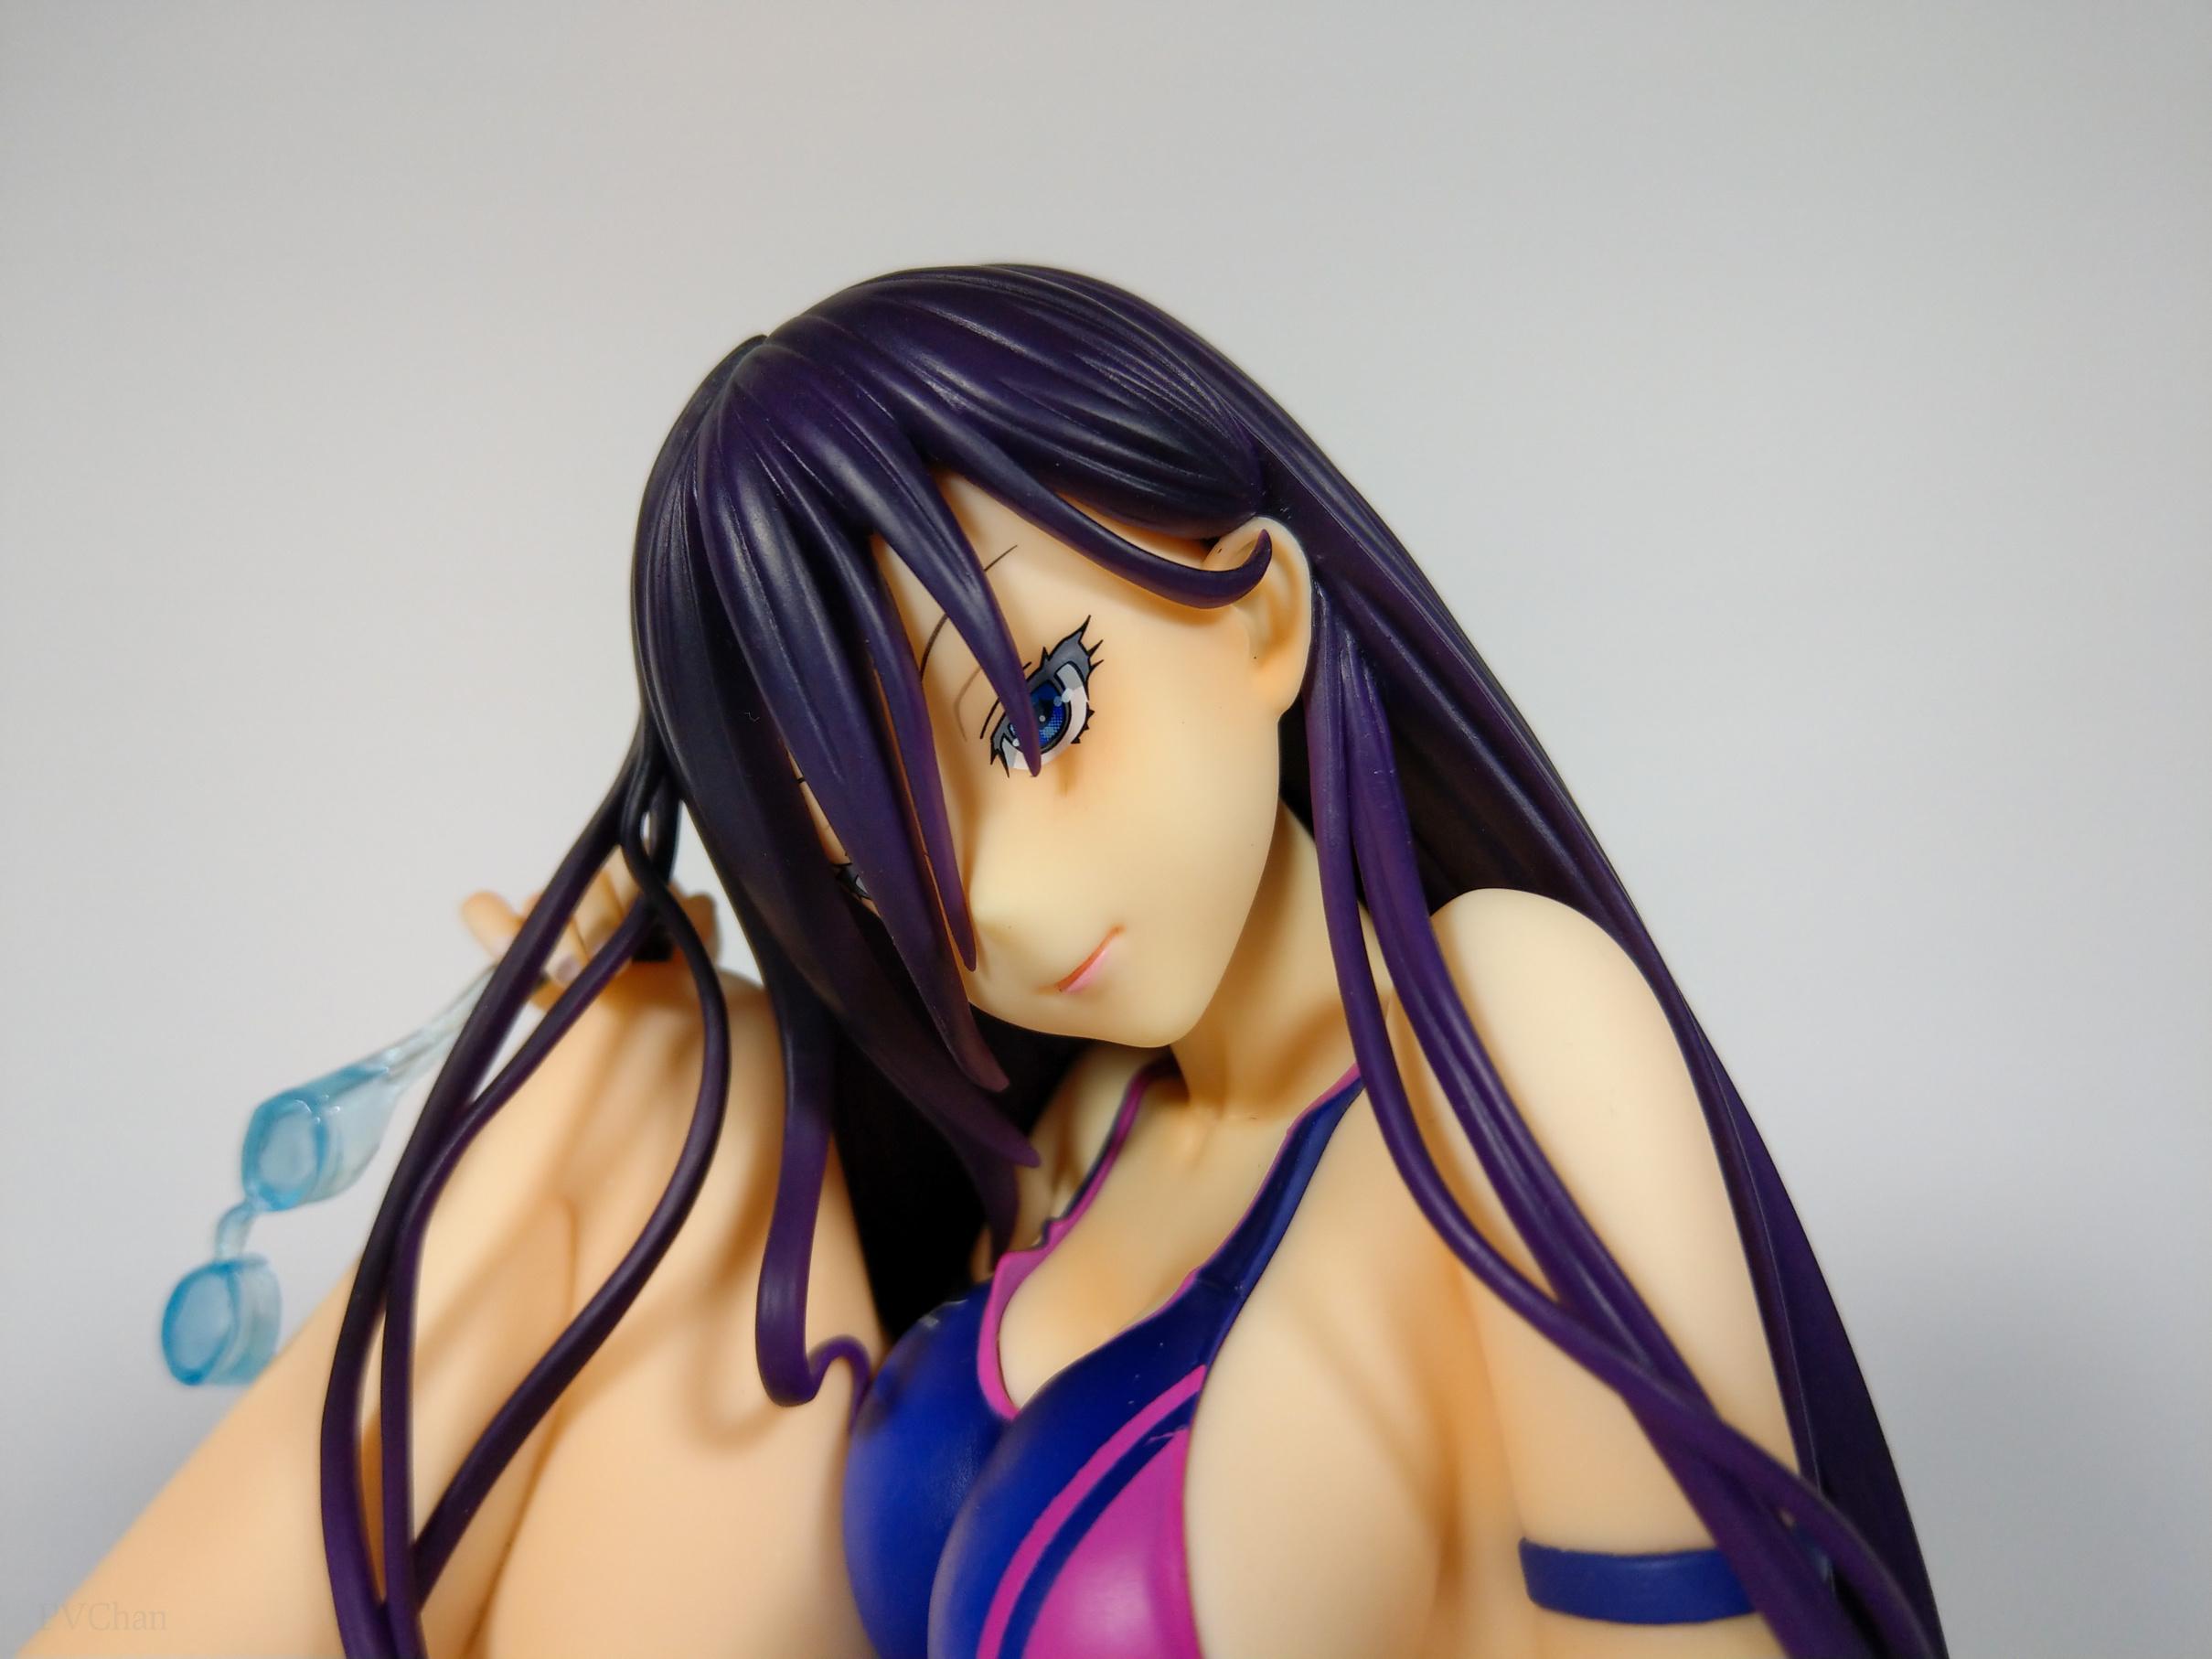 Девушка в купальнике (Kaitendo). - Изображение 14